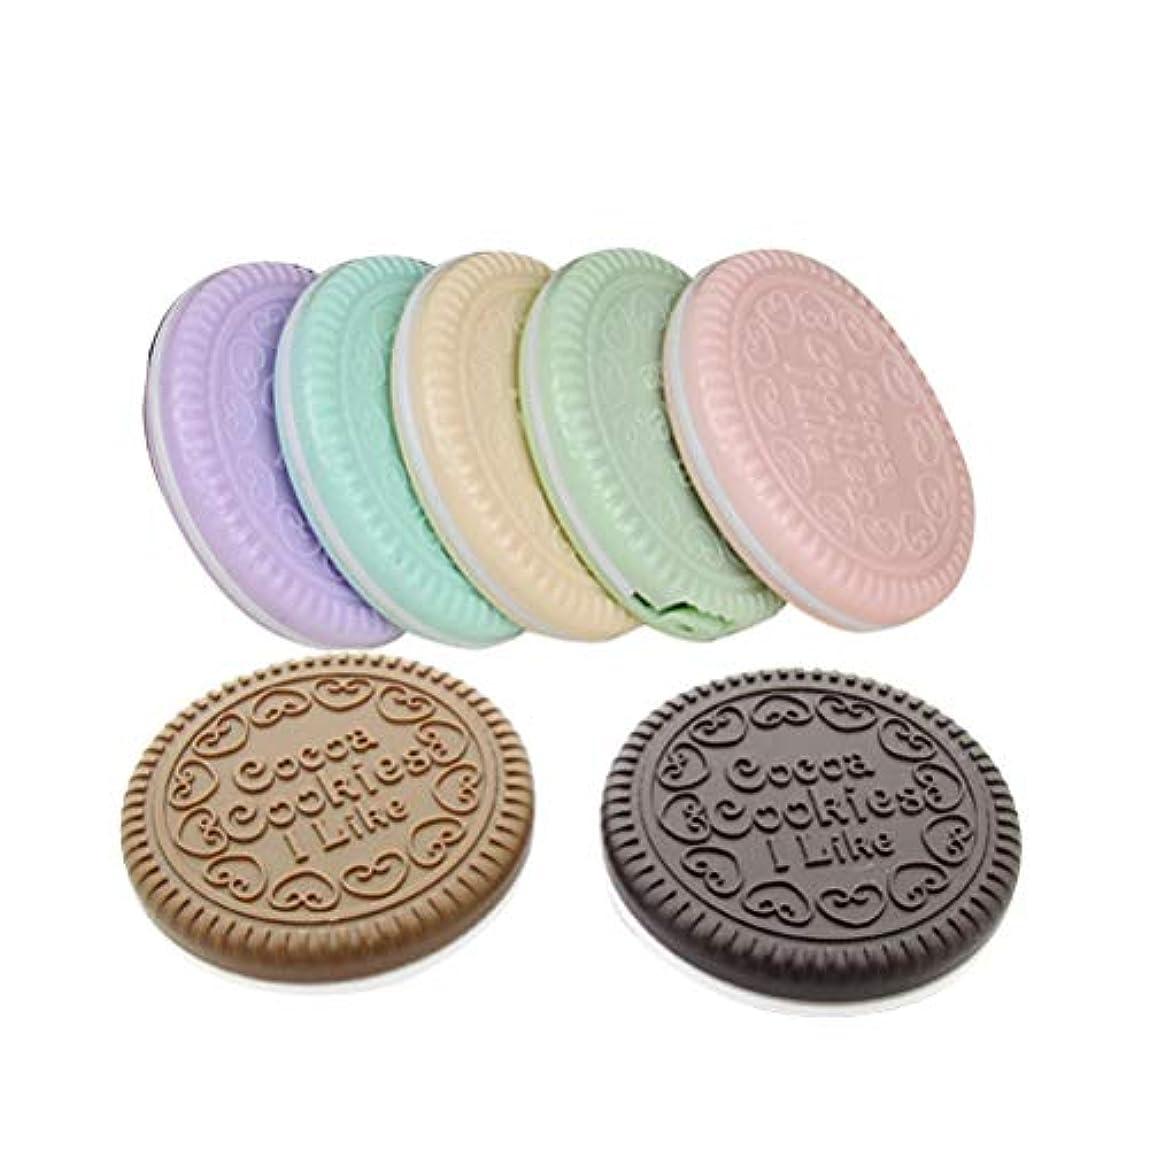 爆発腹エリートBeaupretty 7ピースチョコレートクッキーコンパクトミラーポータブル化粧鏡かわいい装飾ミラー用櫛女性女の子レディース